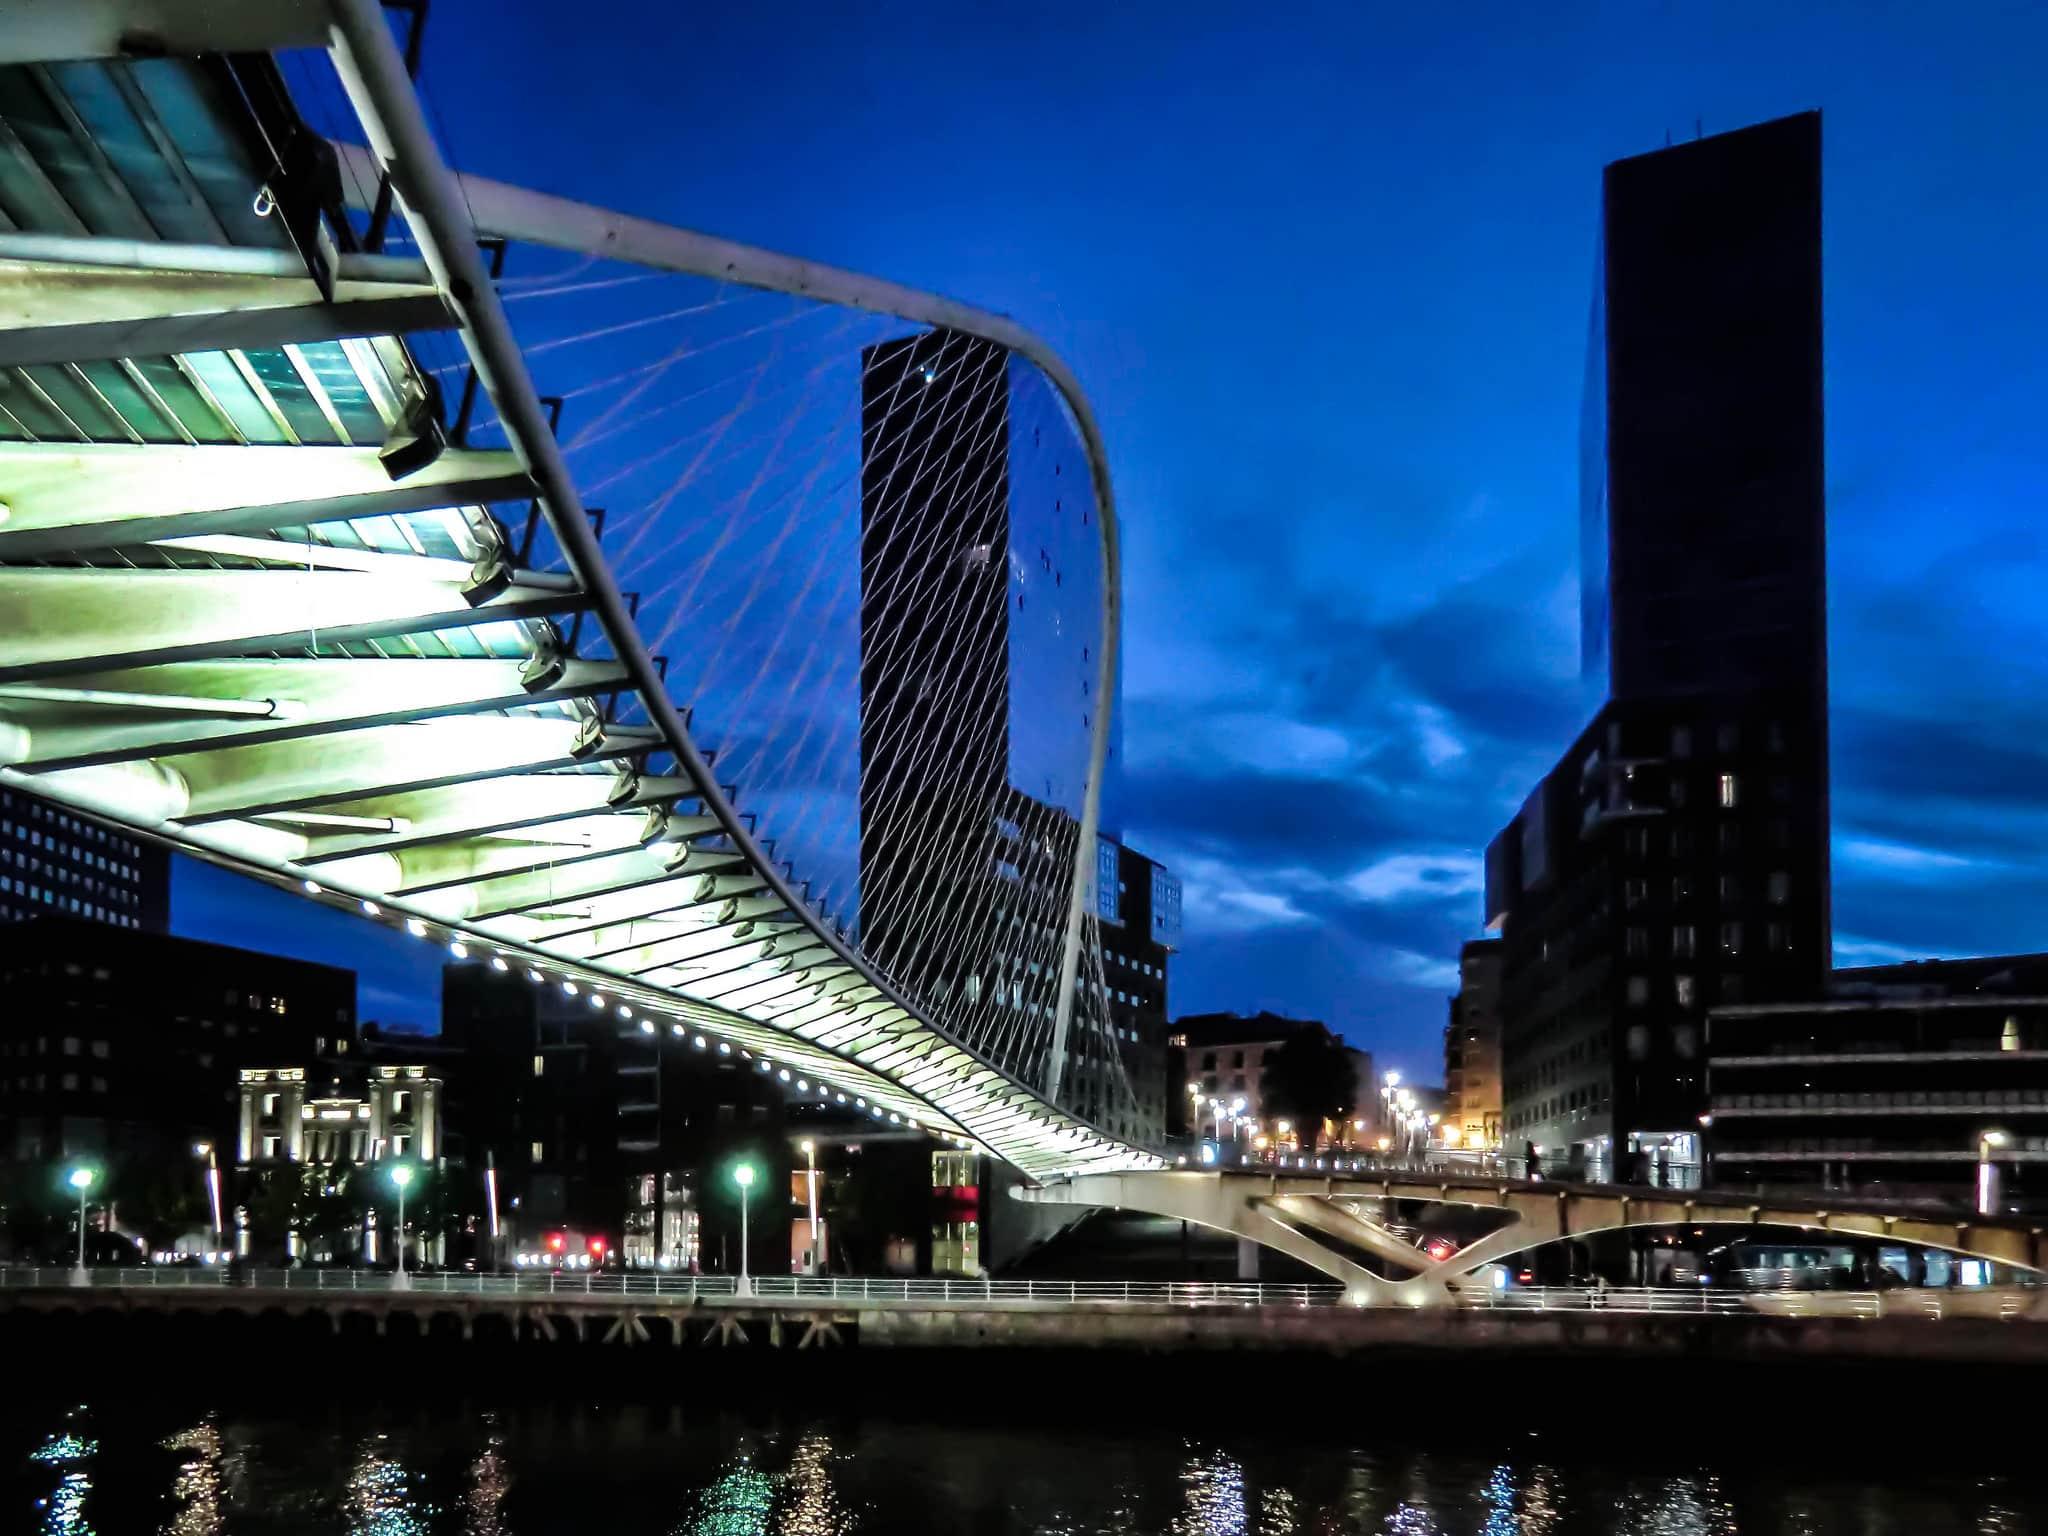 Bilbao-Zubizuri